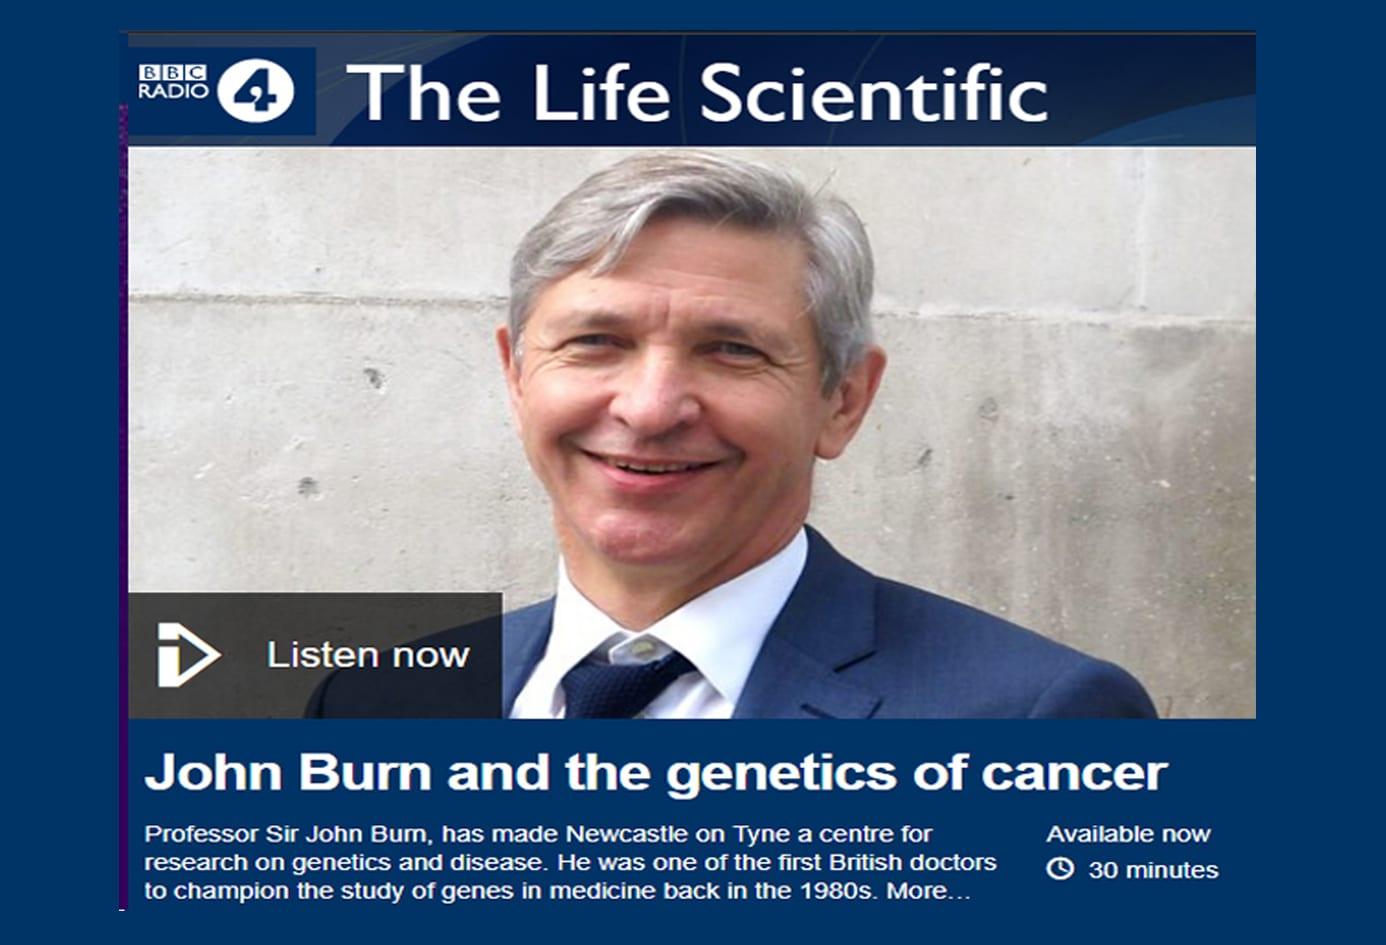 John Burn